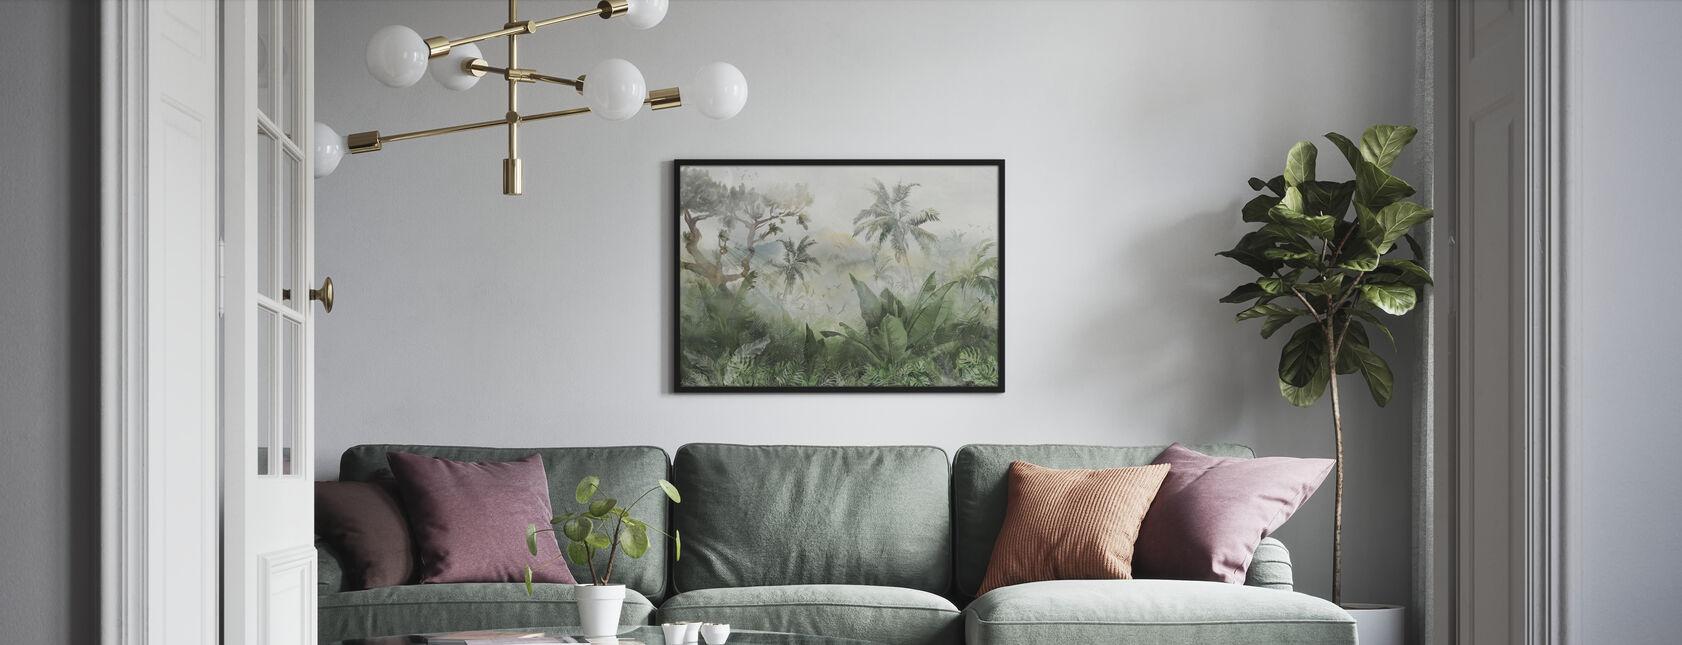 Sonnenstrahl Trog Dschungel - Poster - Wohnzimmer